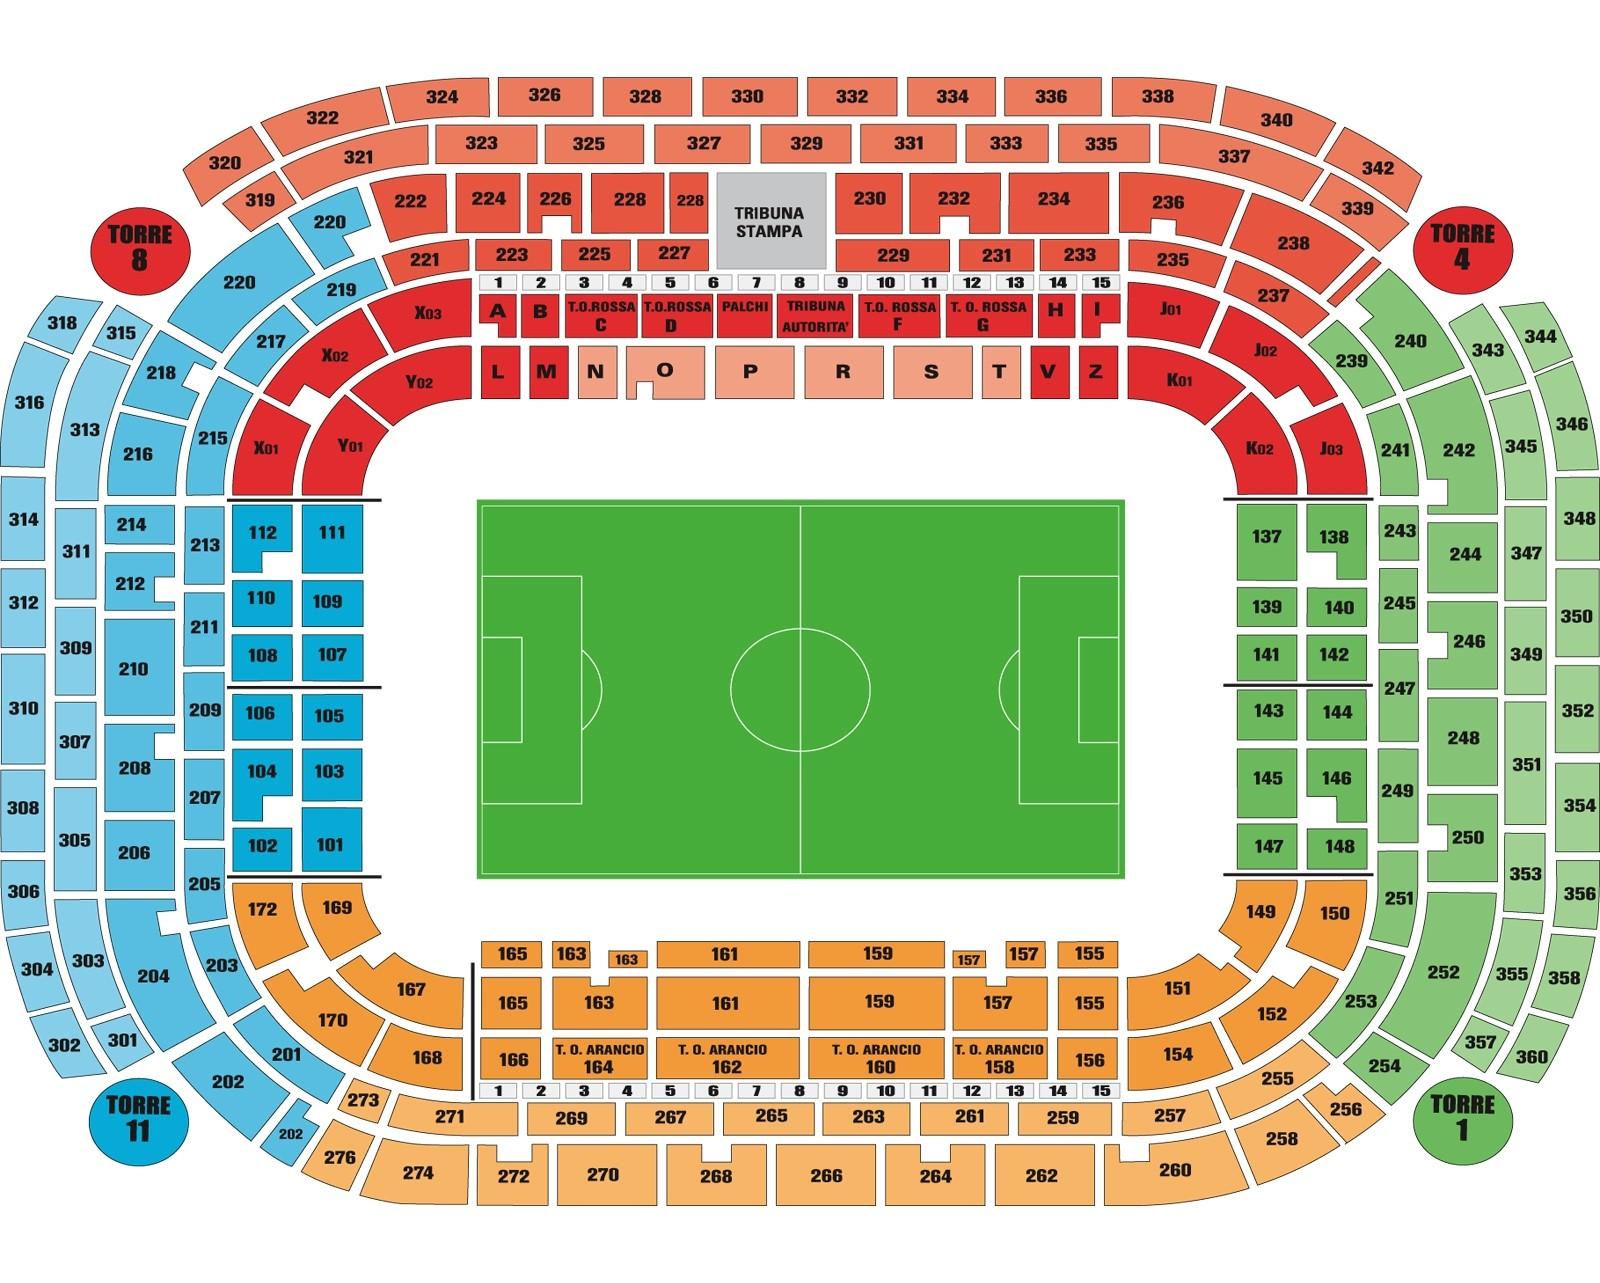 Stadio Giuseppe Milan seating map